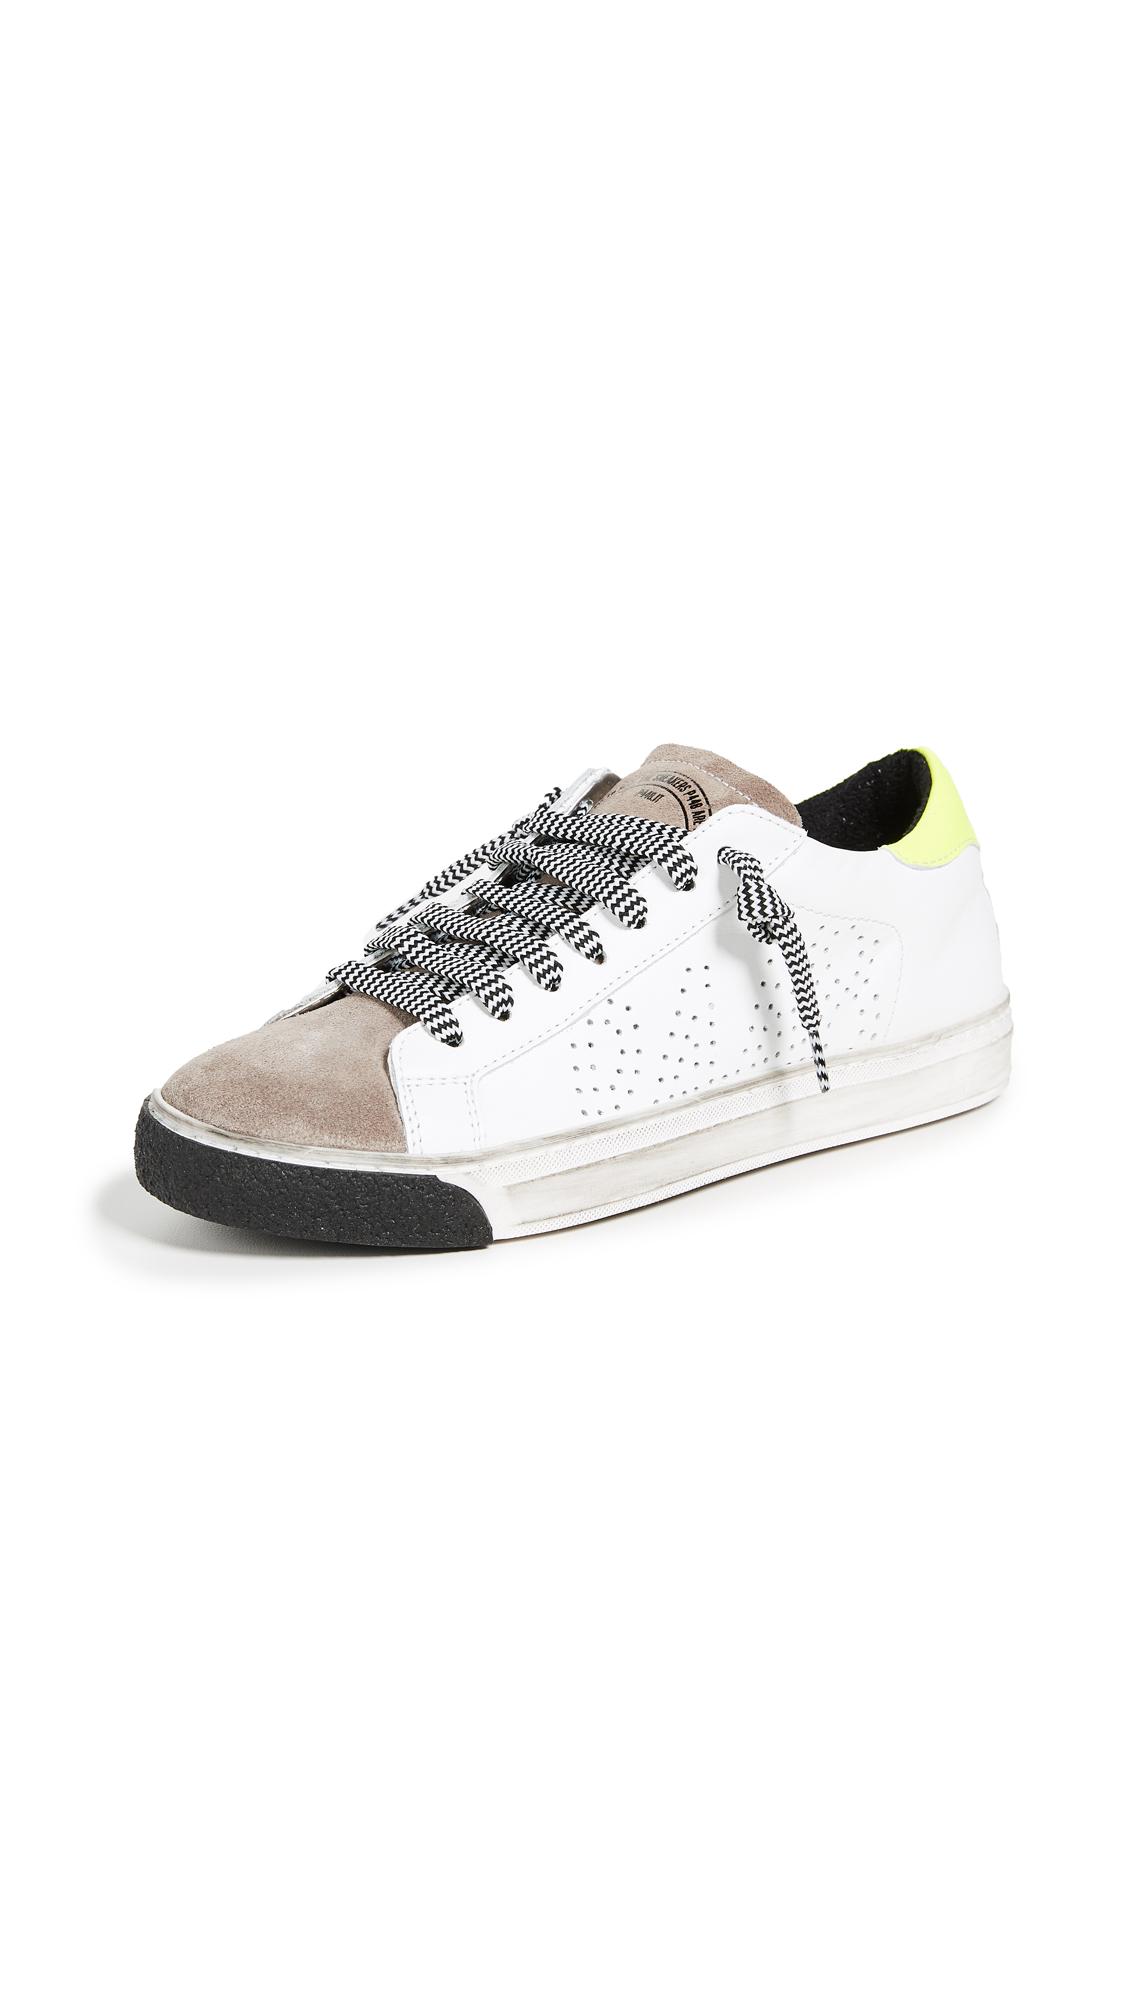 P448 Miami Sneakers - White